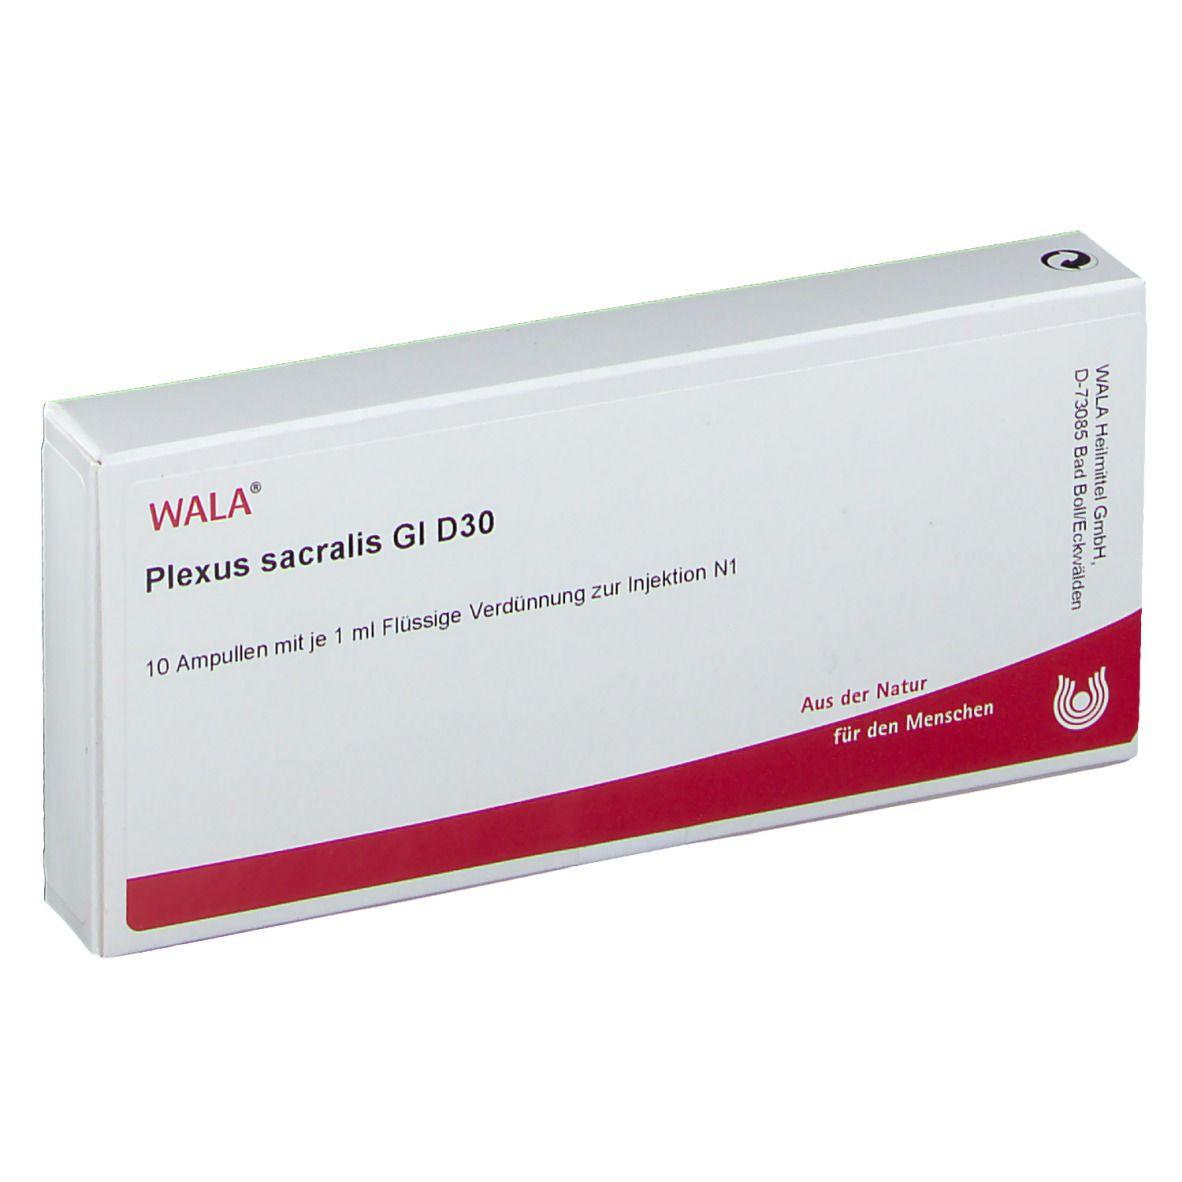 Wala® Plexus sacralis Gl D 30